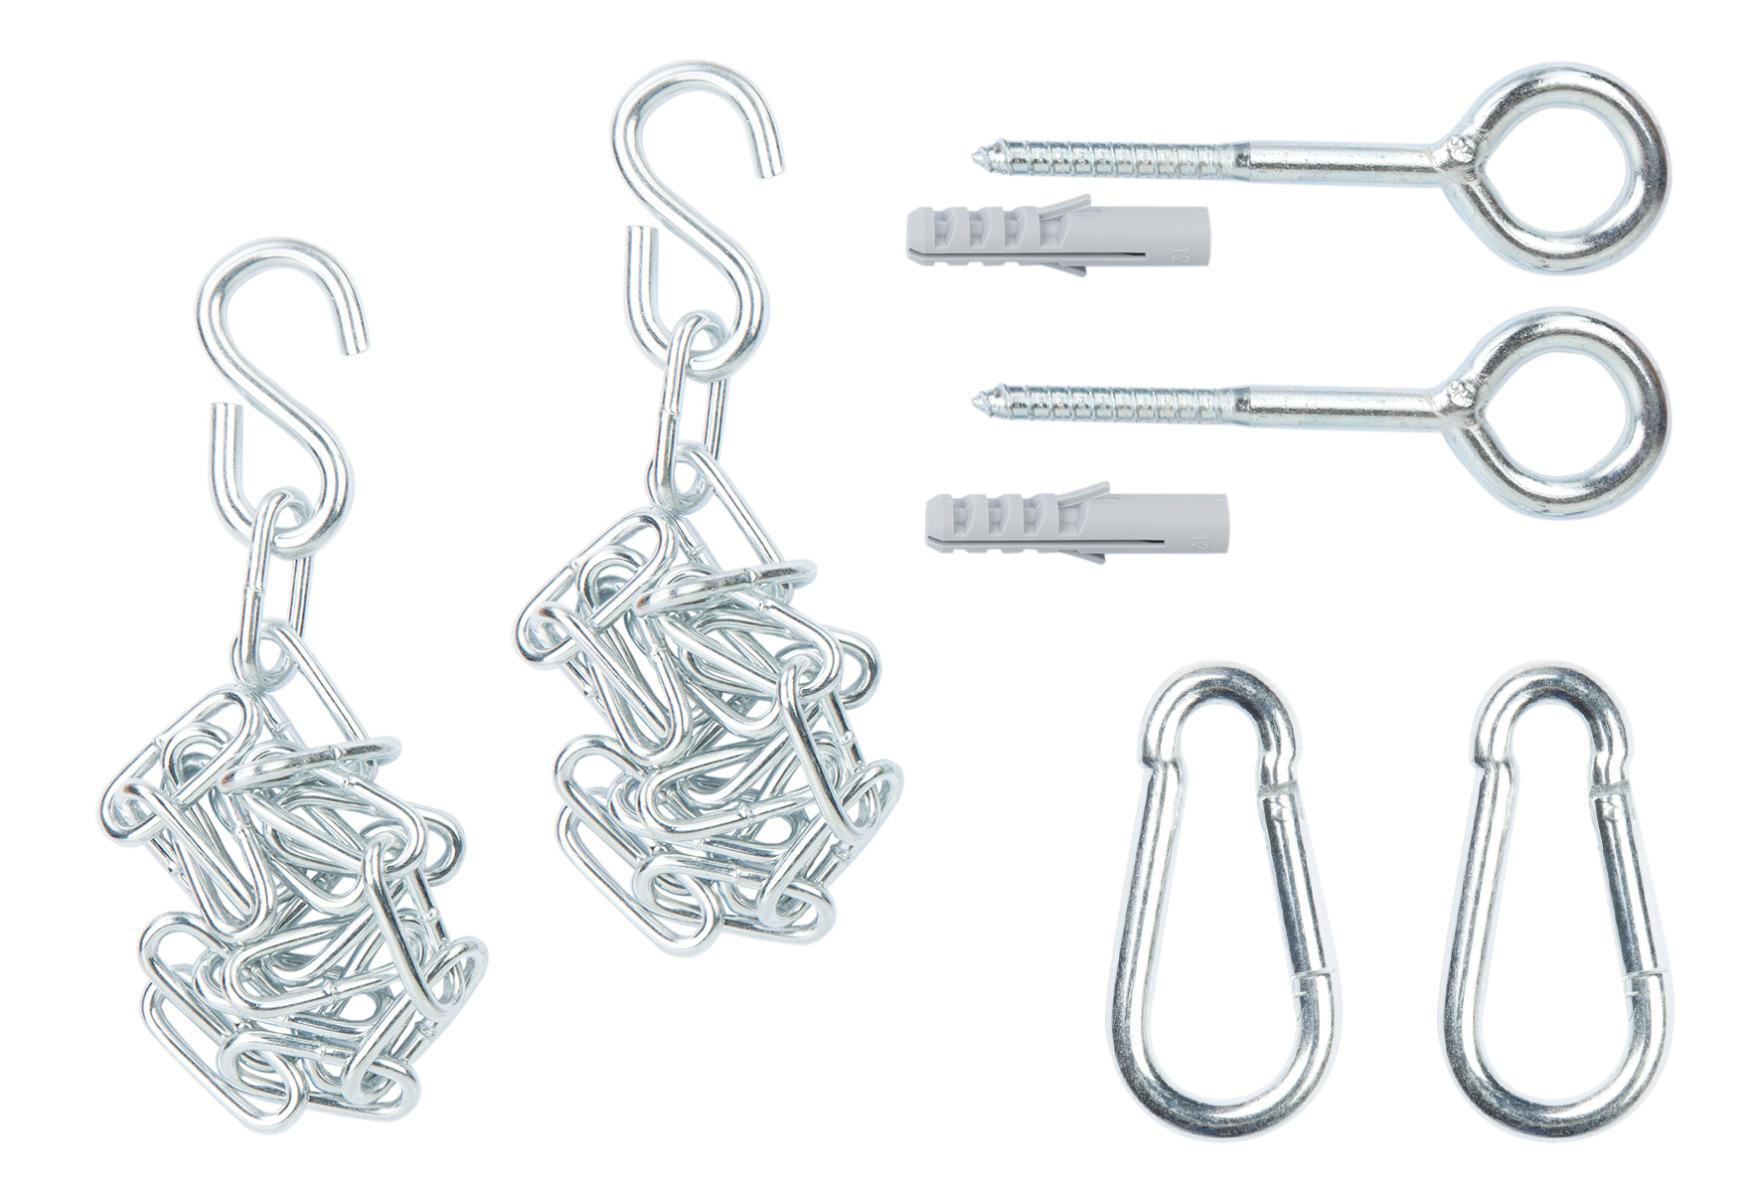 'Complete' Metal Hangmatophanging - Metaal - Tropilex �